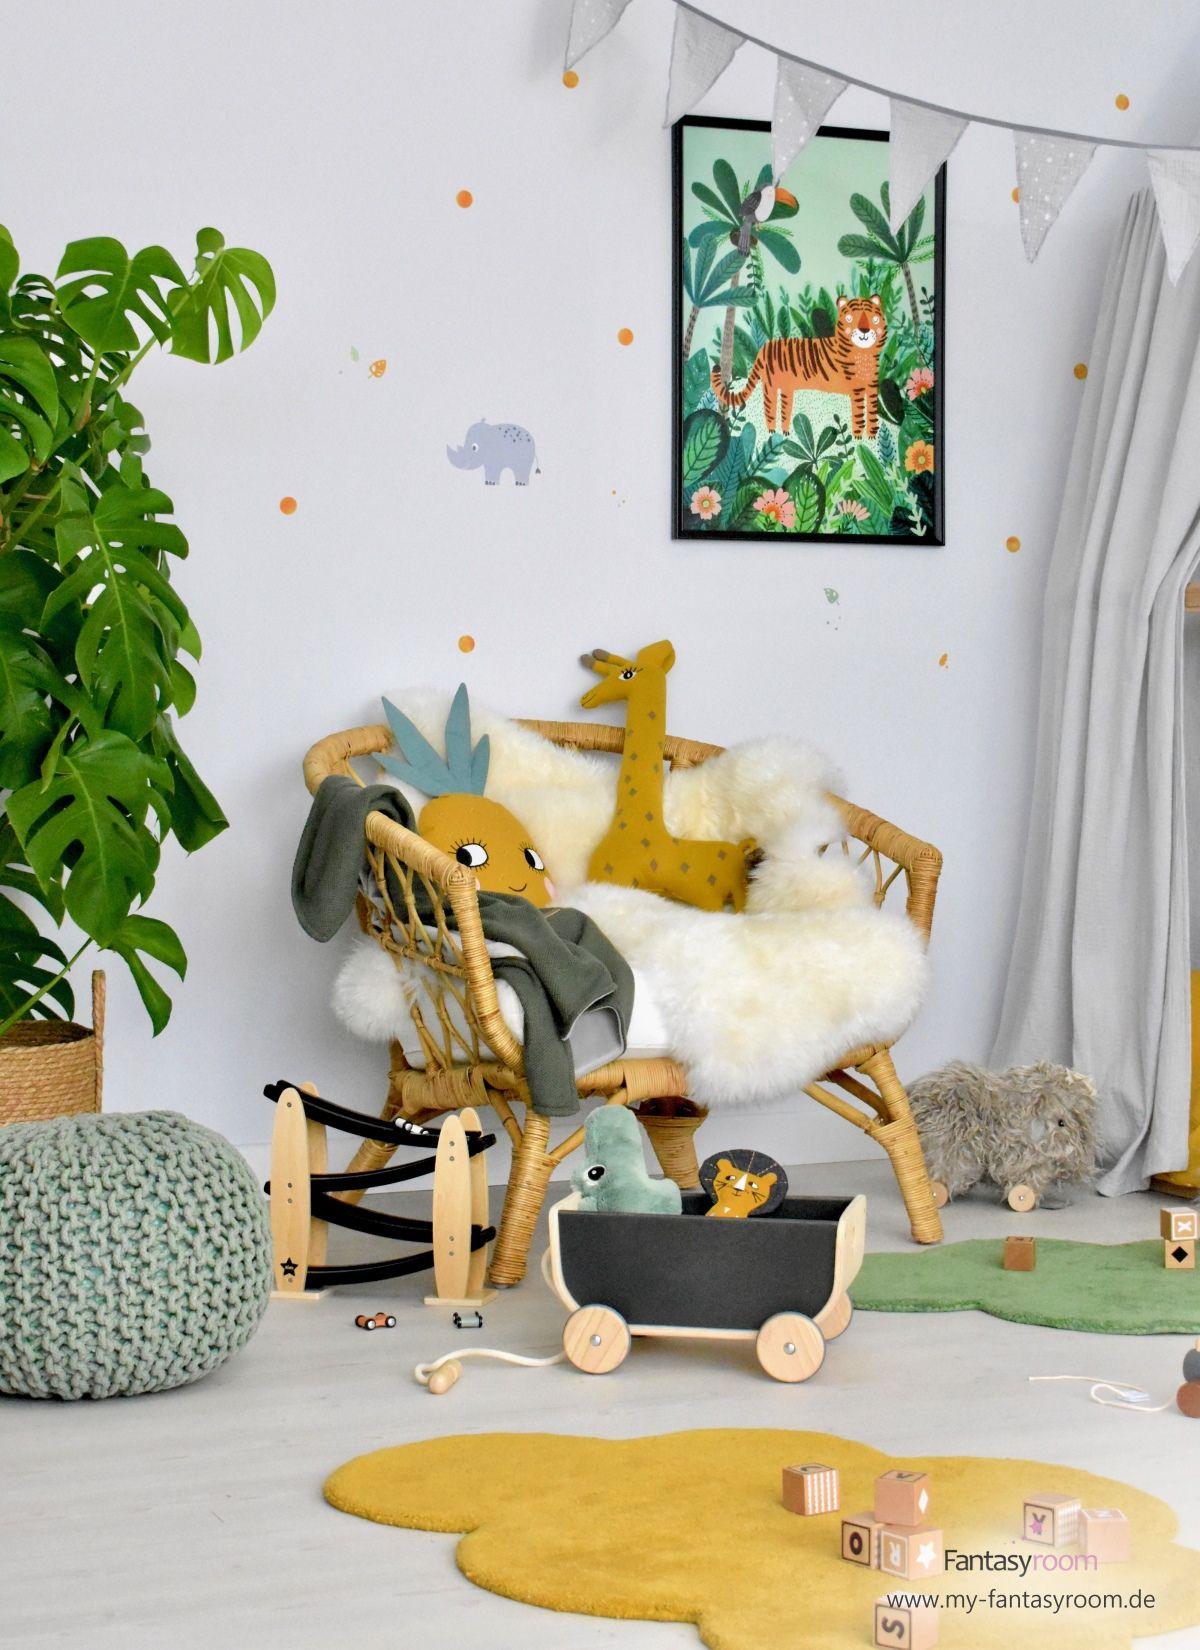 Für Den Dschungellook Im Kinderzimmer Die Zuckersüßen Tierposter